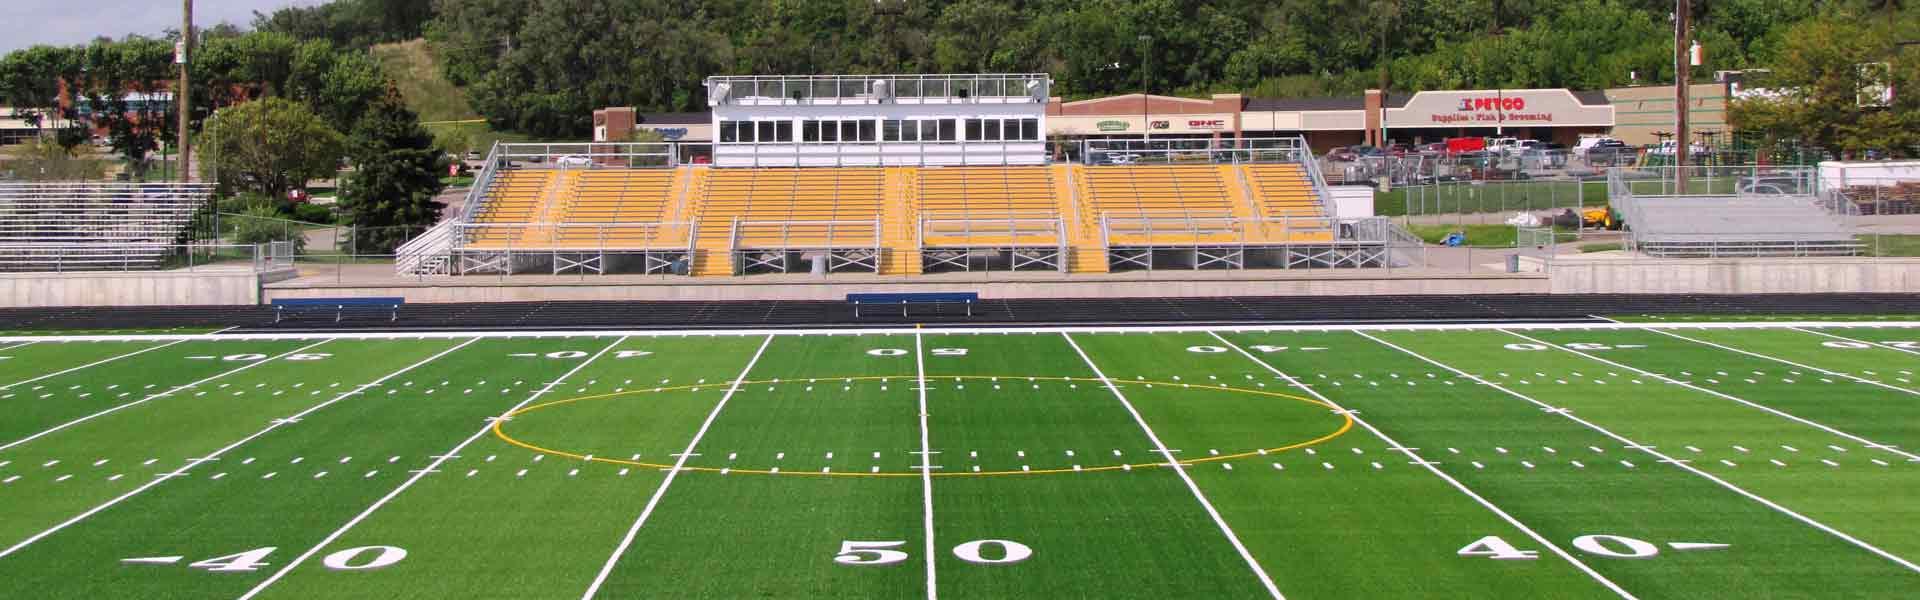 HeelanCatholicHighSchool-PrivateDay-IA-USA-FootballField